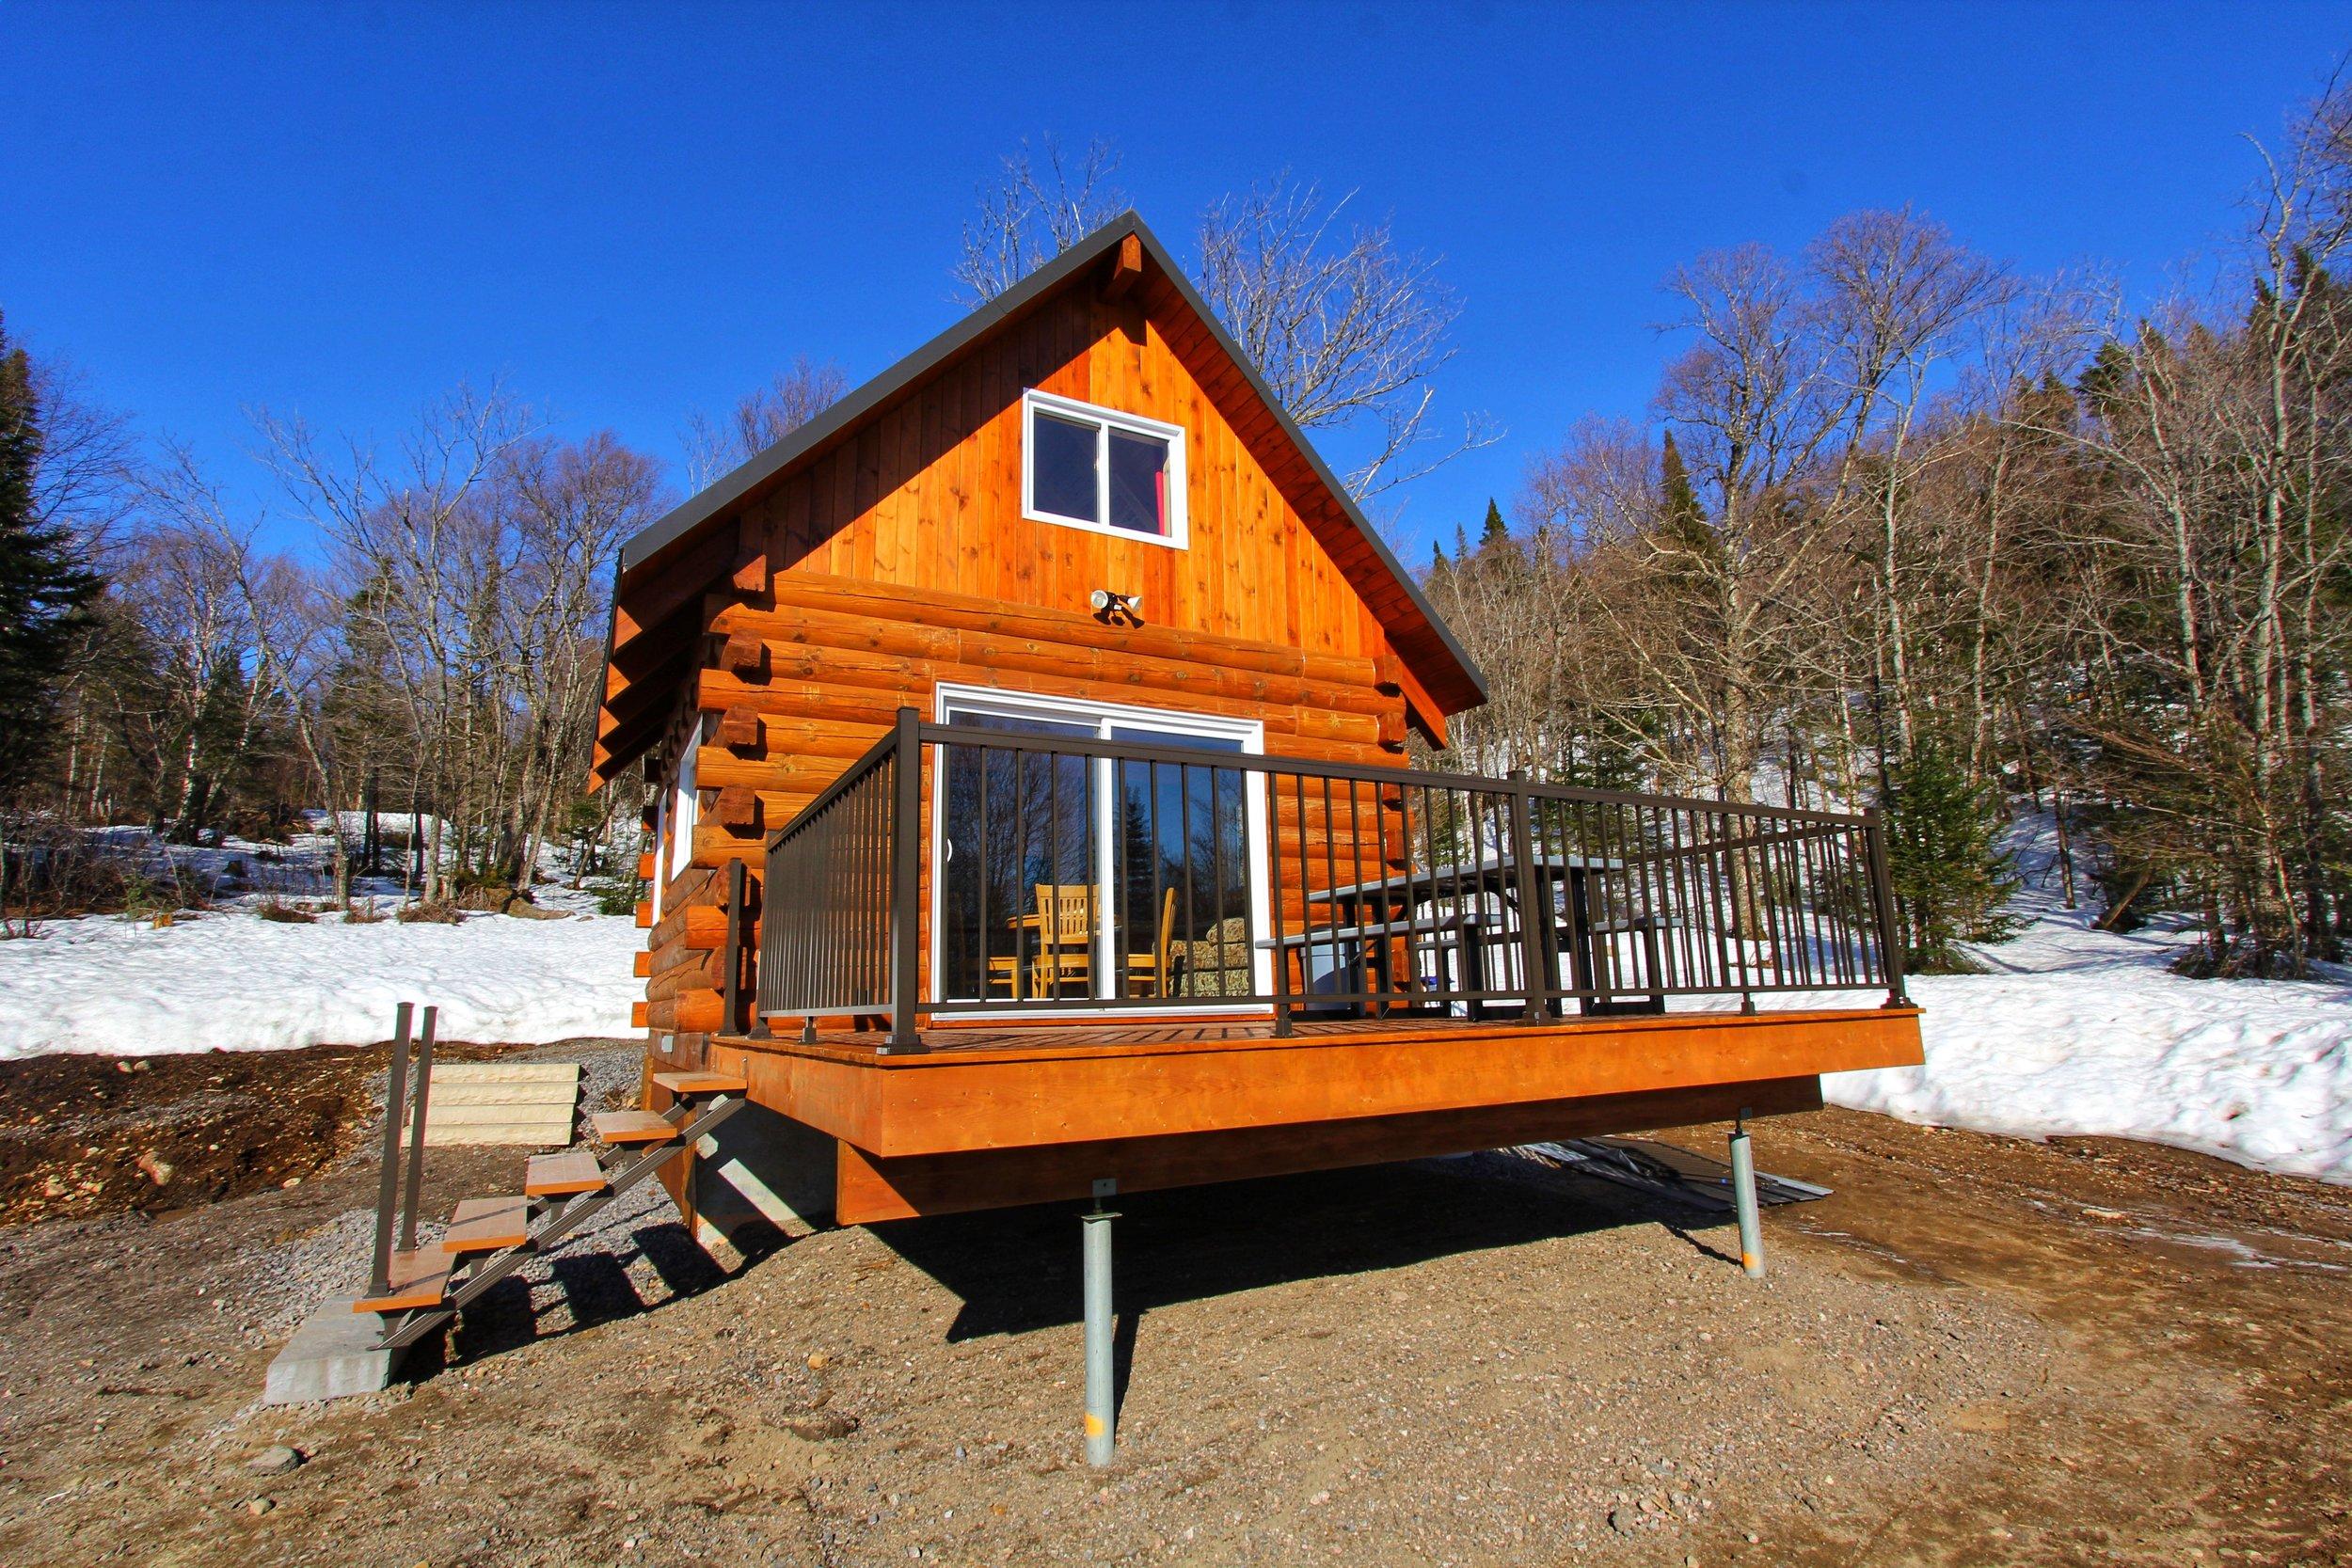 LE ÉLISA - Venez vivre une expérience unique dans notre mini chalet de 20m2 sur 2 étages en bois rond entièrement équipé pouvant accueillir 6 personnes. Situé dans le secteur ouest de la montagne Le Maelstrom,  venez vous ressourcez et faire une pause le temps d'une semaine ou d'une fin de semaine.